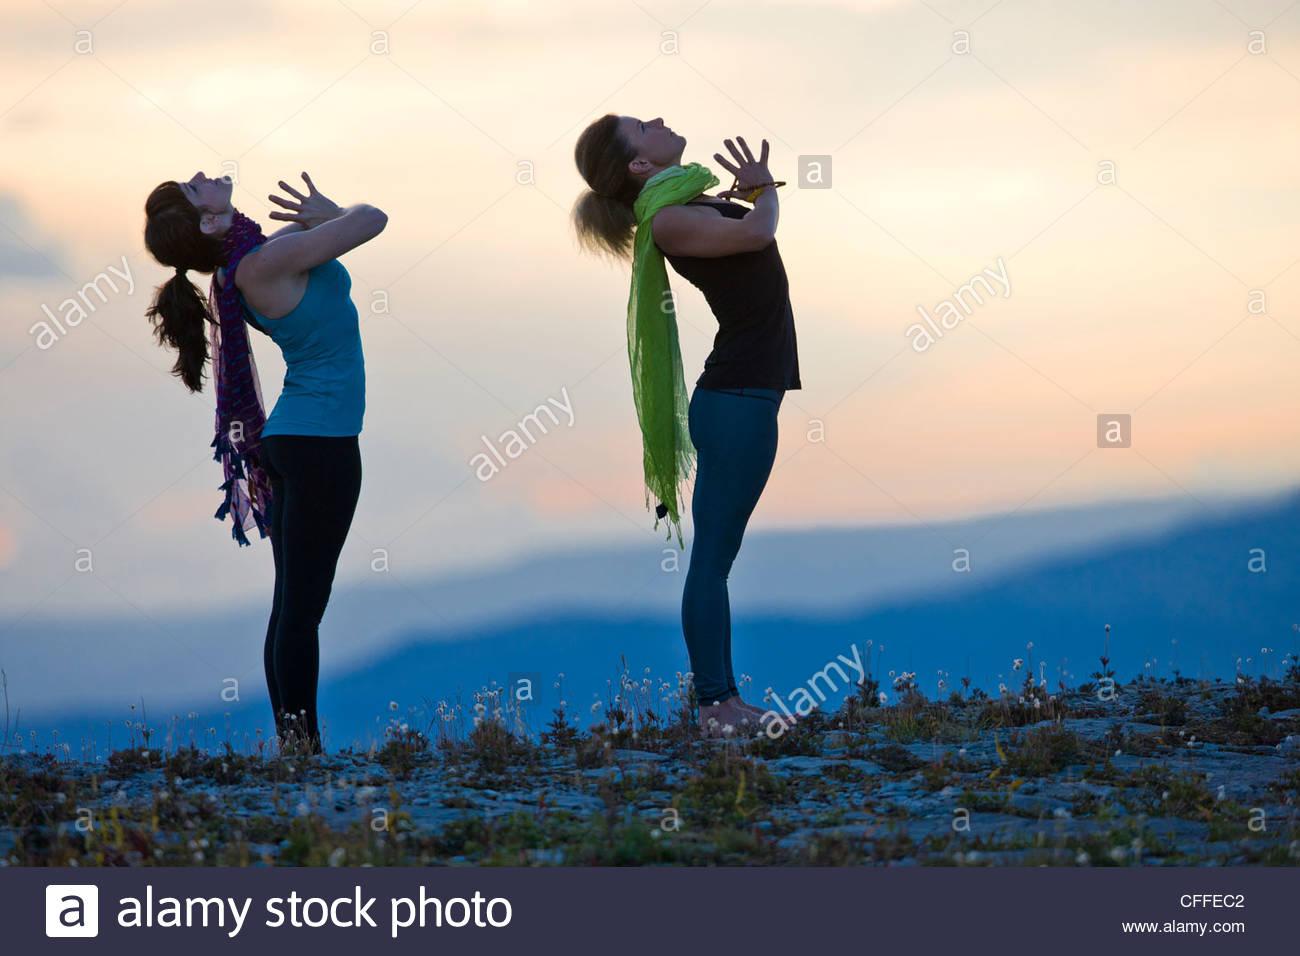 Dos mujeres realizar poses de Hatha Yoga en la cima de una montaña. Imagen De Stock